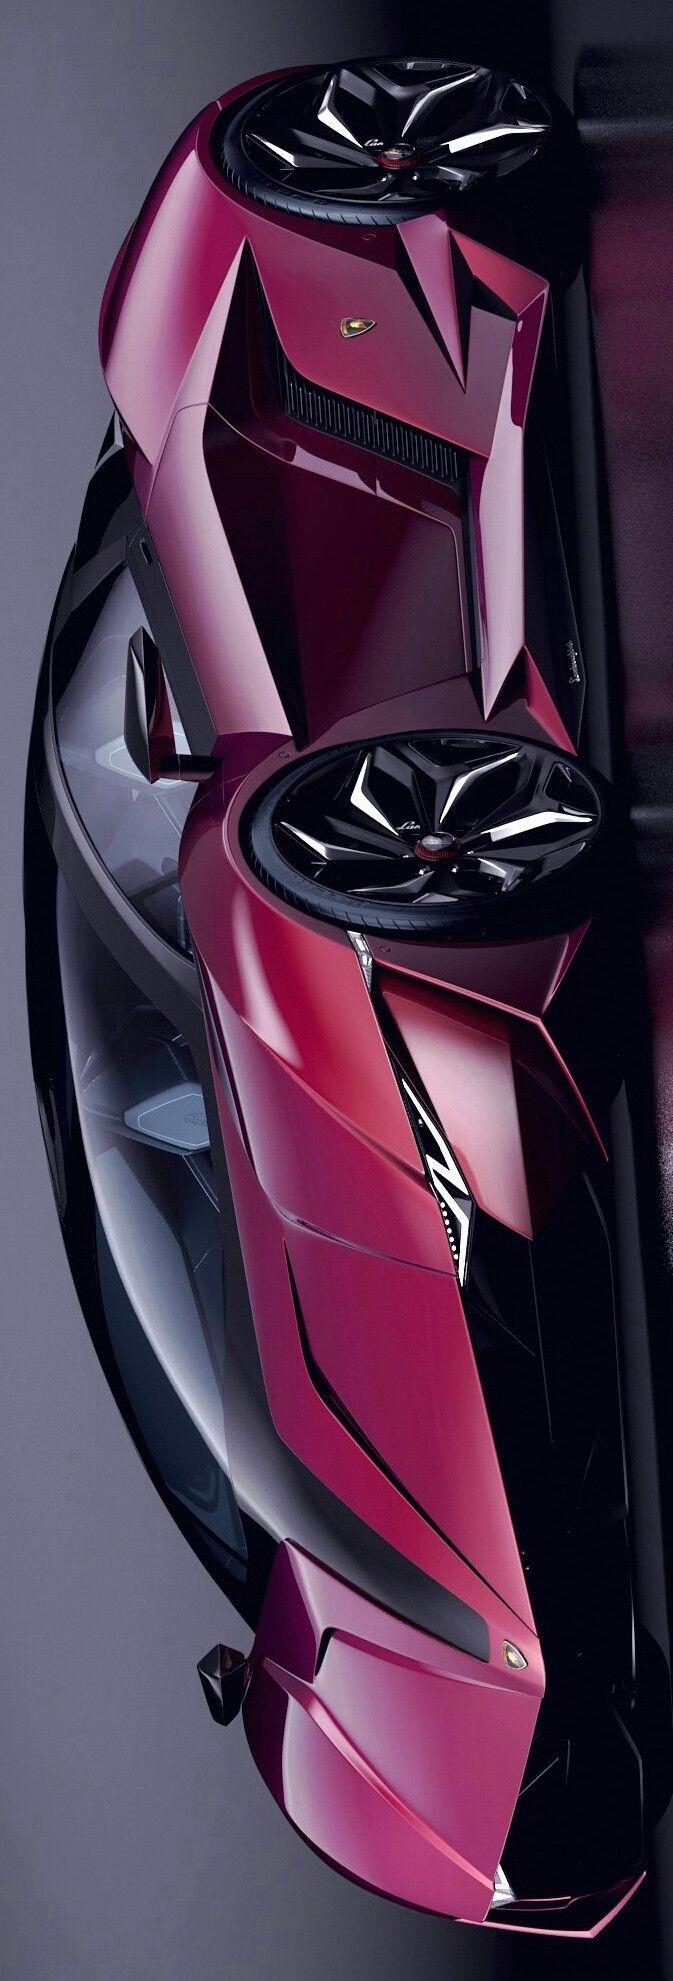 Dieses und weitere Luxusprodukte finden Sie auf der Webseite von Lusea.de Lamborghini Resonare Concept